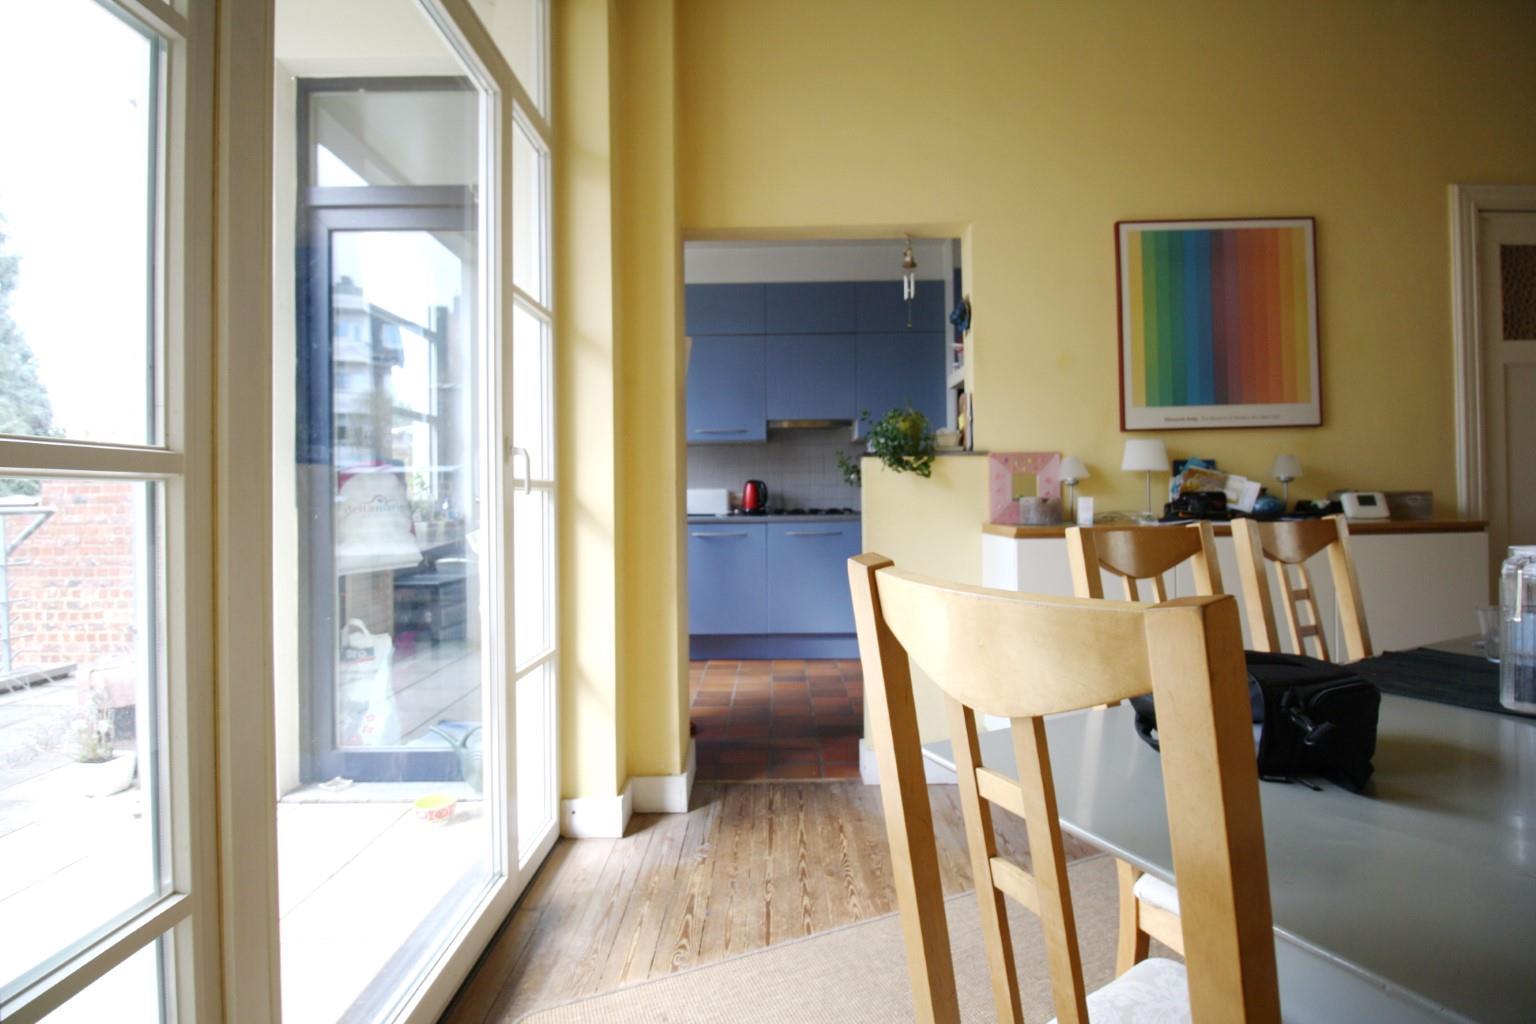 Maison - Berchem-Sainte-Agathe - #2305786-9